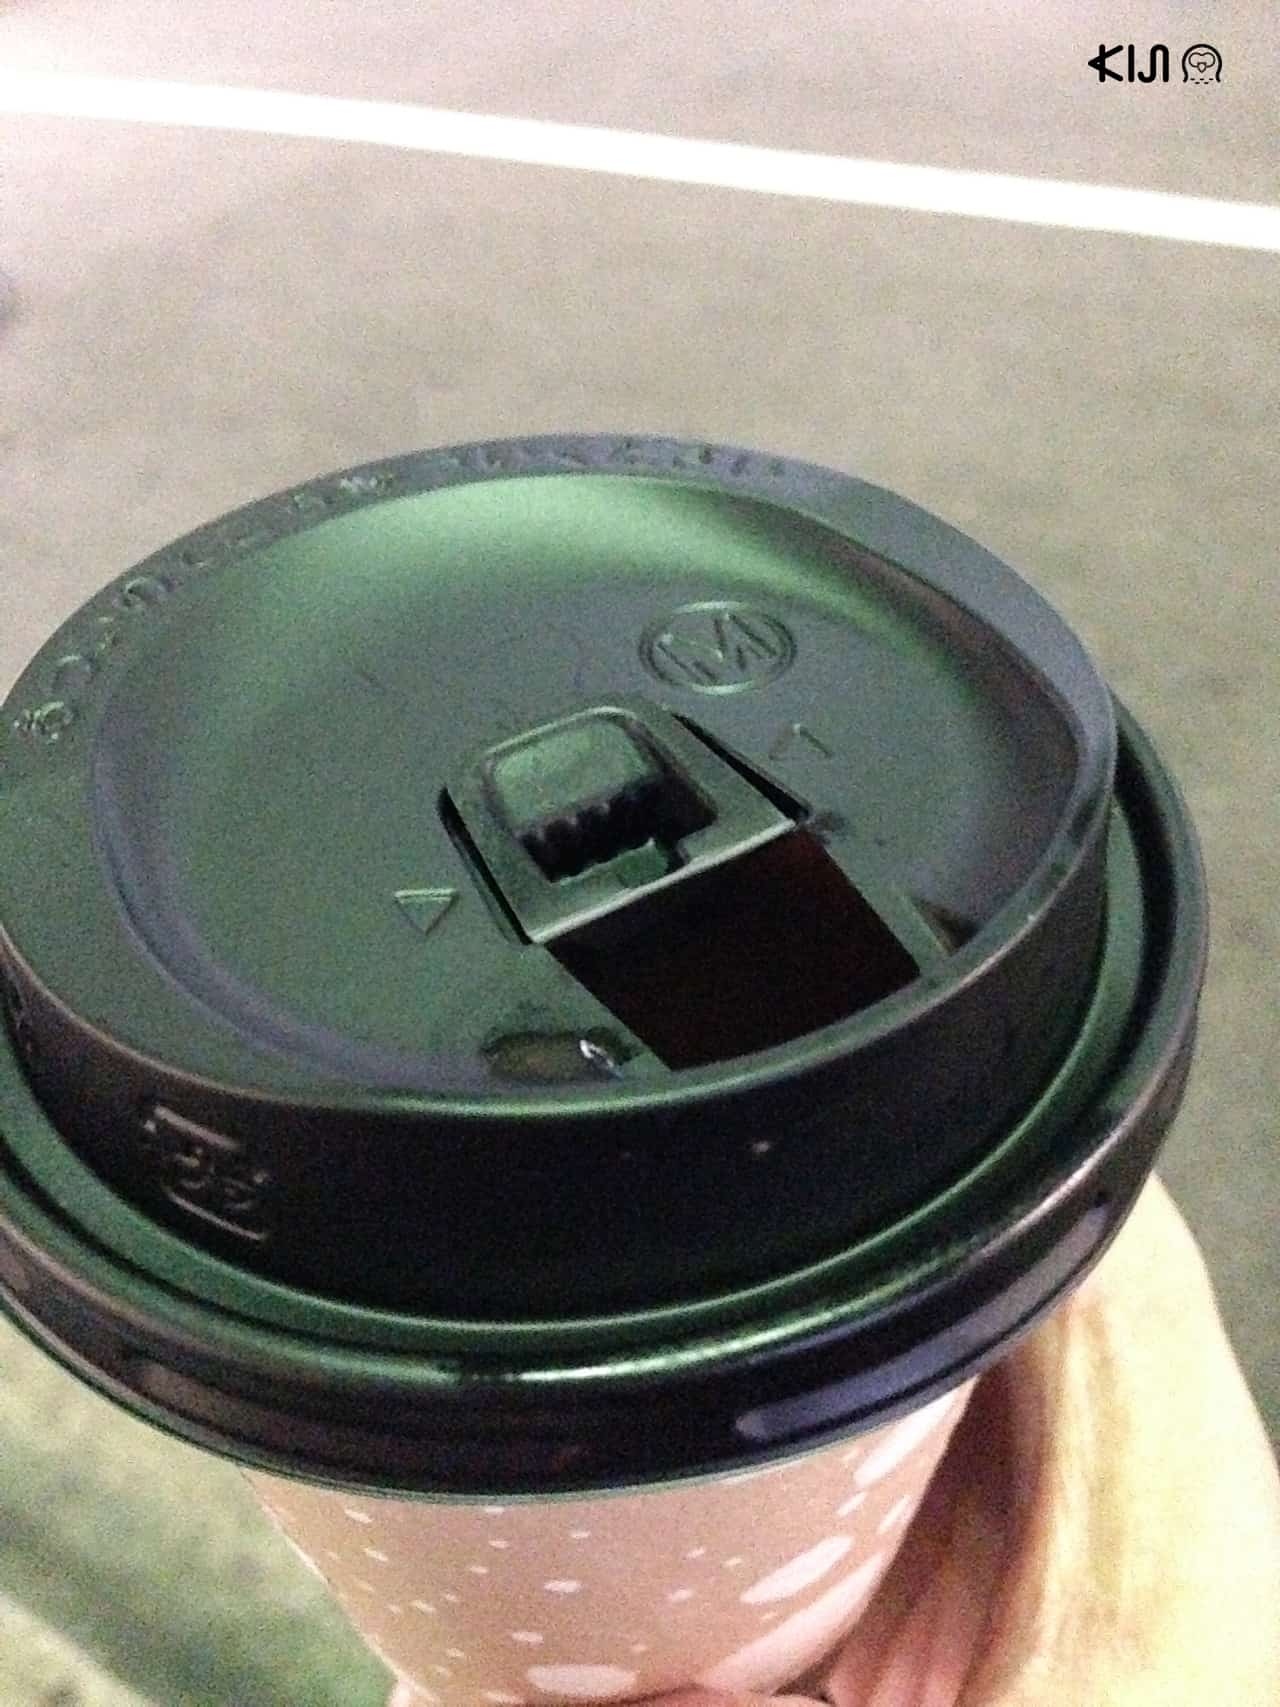 ฝาปิดถ้วยกาแฟร้อนลงล็อคของ แพ็กเกจจิ้งญี่ปุ่น